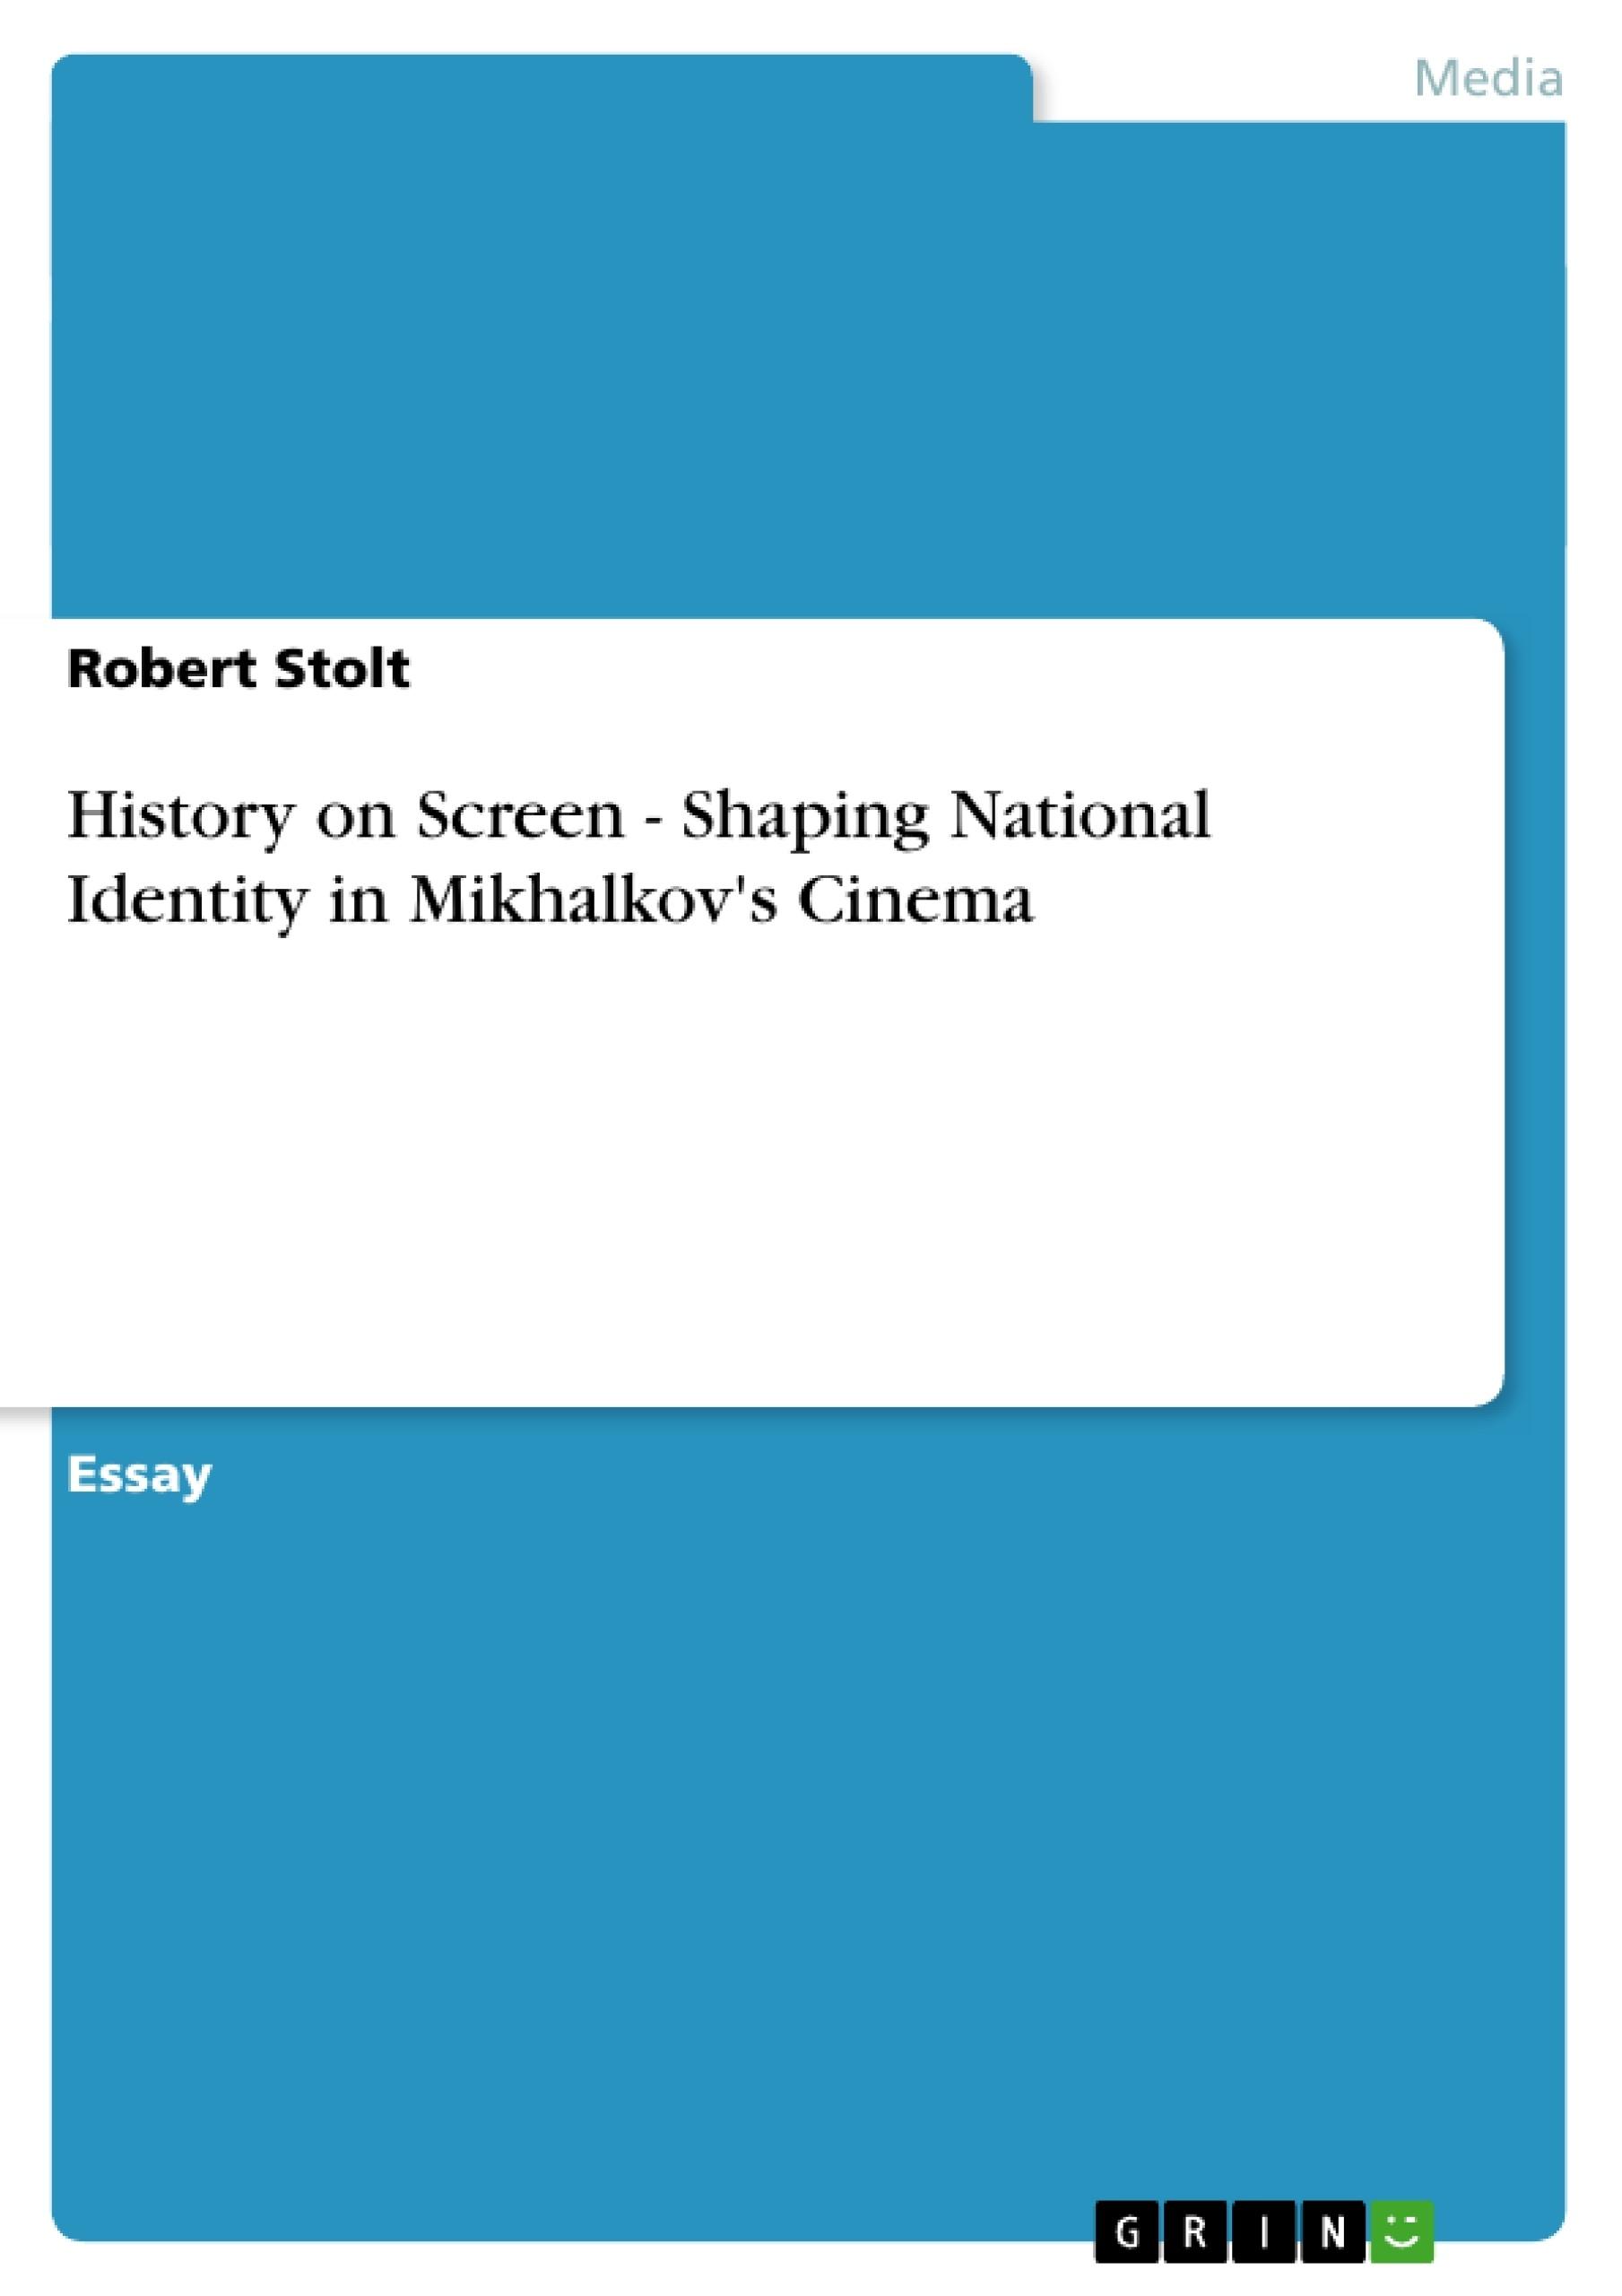 Identity in contemporary european cinema film studies essay